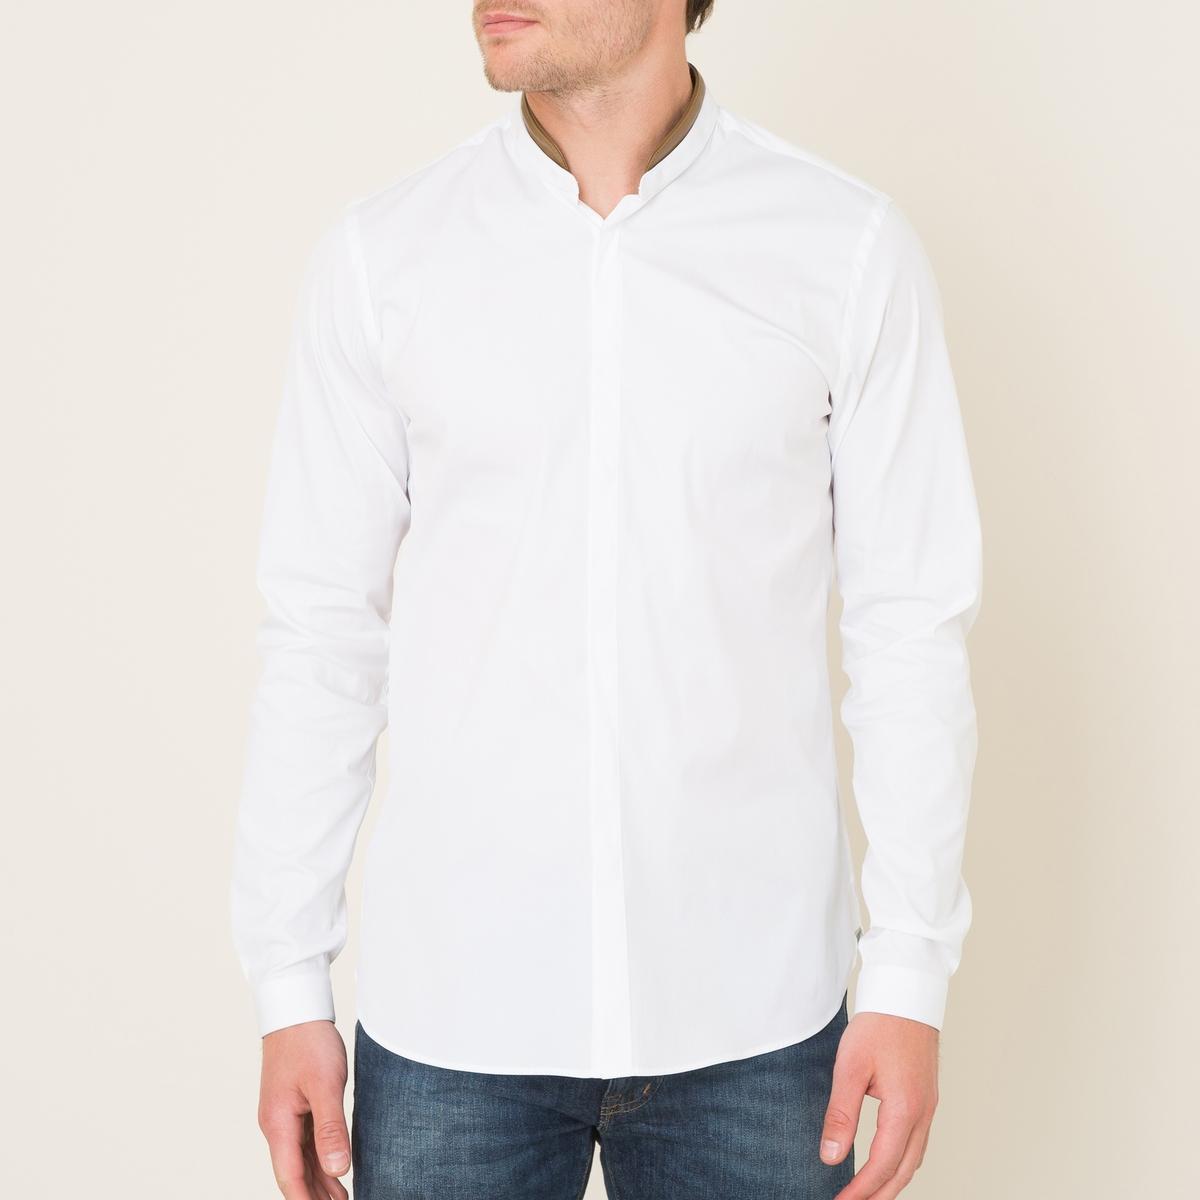 Рубашка однотонная с отделкой кожейСостав и описание    Материал : 100% хлопок   Воротник 100% кожа ягненка Марка : THE KOOPLES<br><br>Цвет: белый